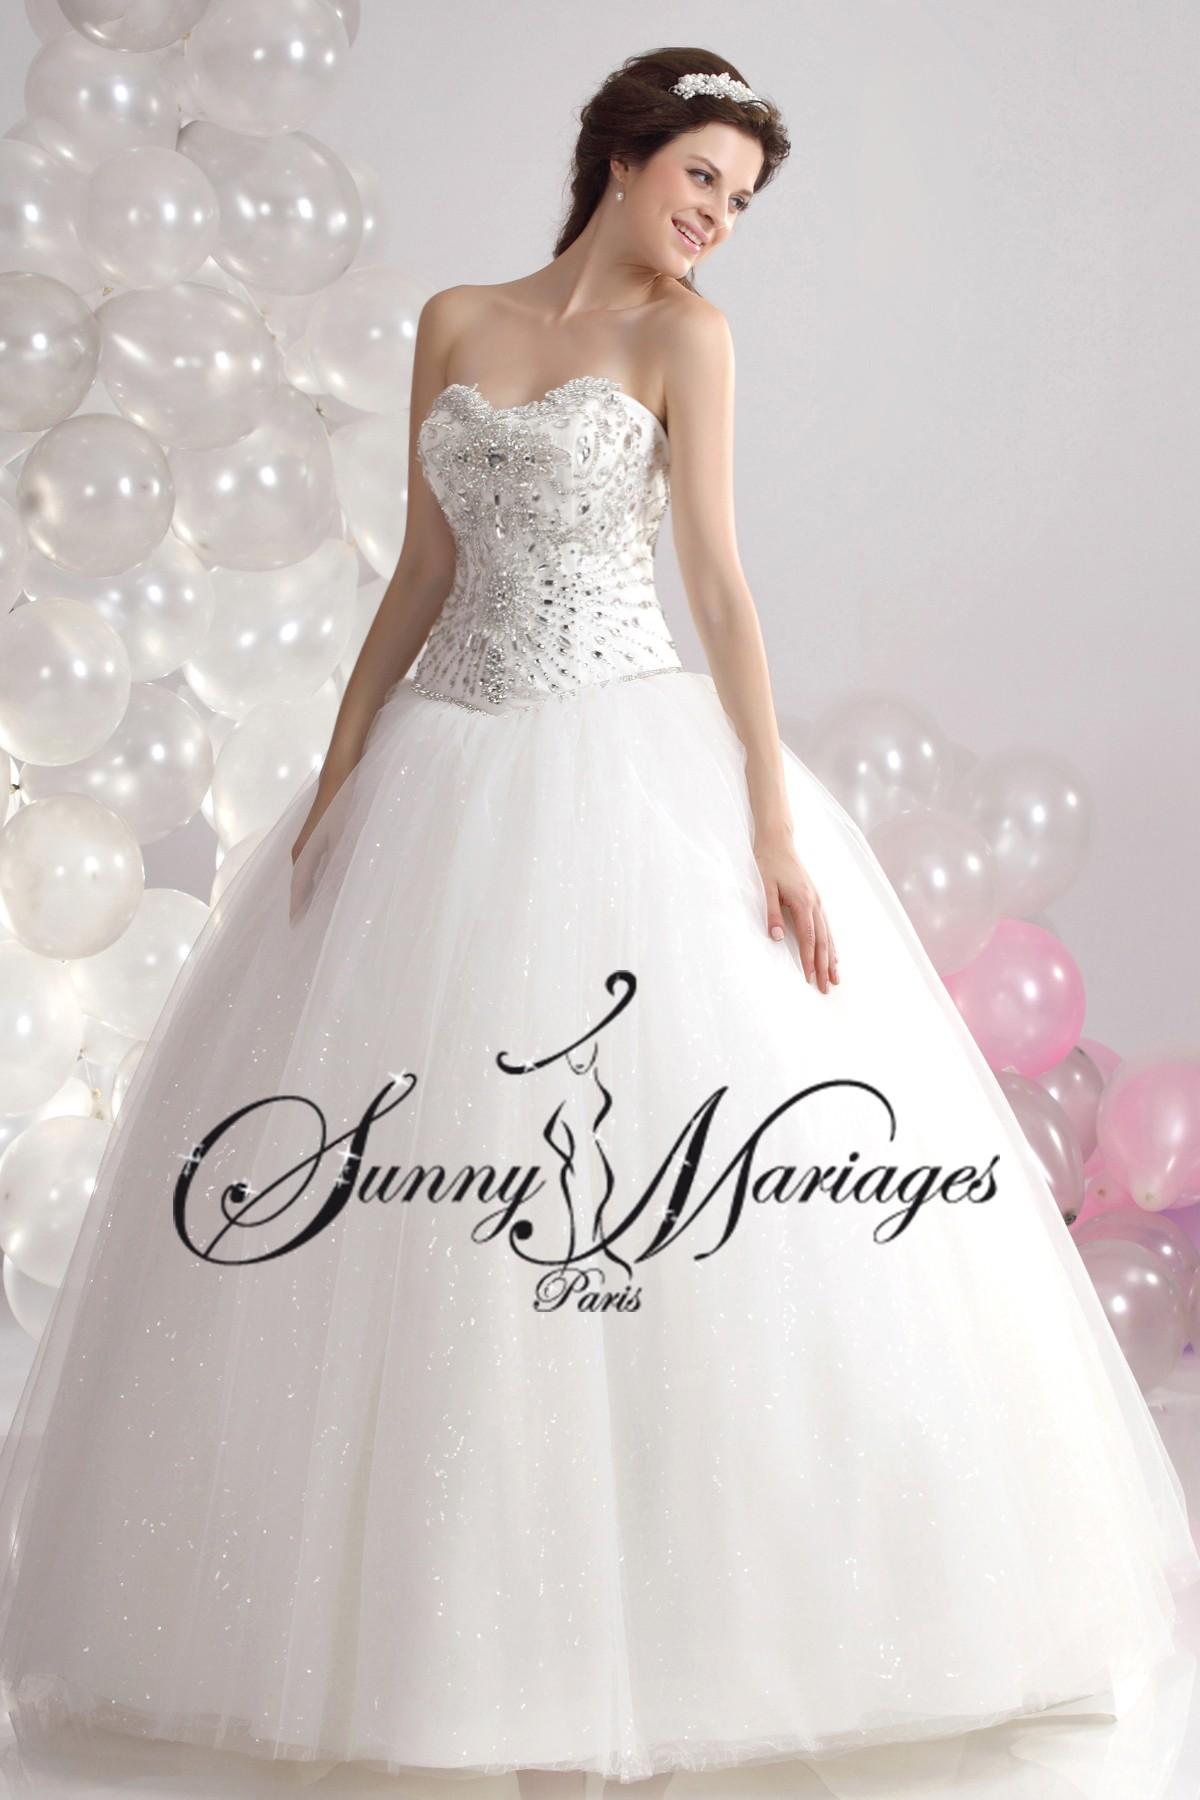 ... Mariage » robe de mariée » Robe de mariee princesse « Féerie